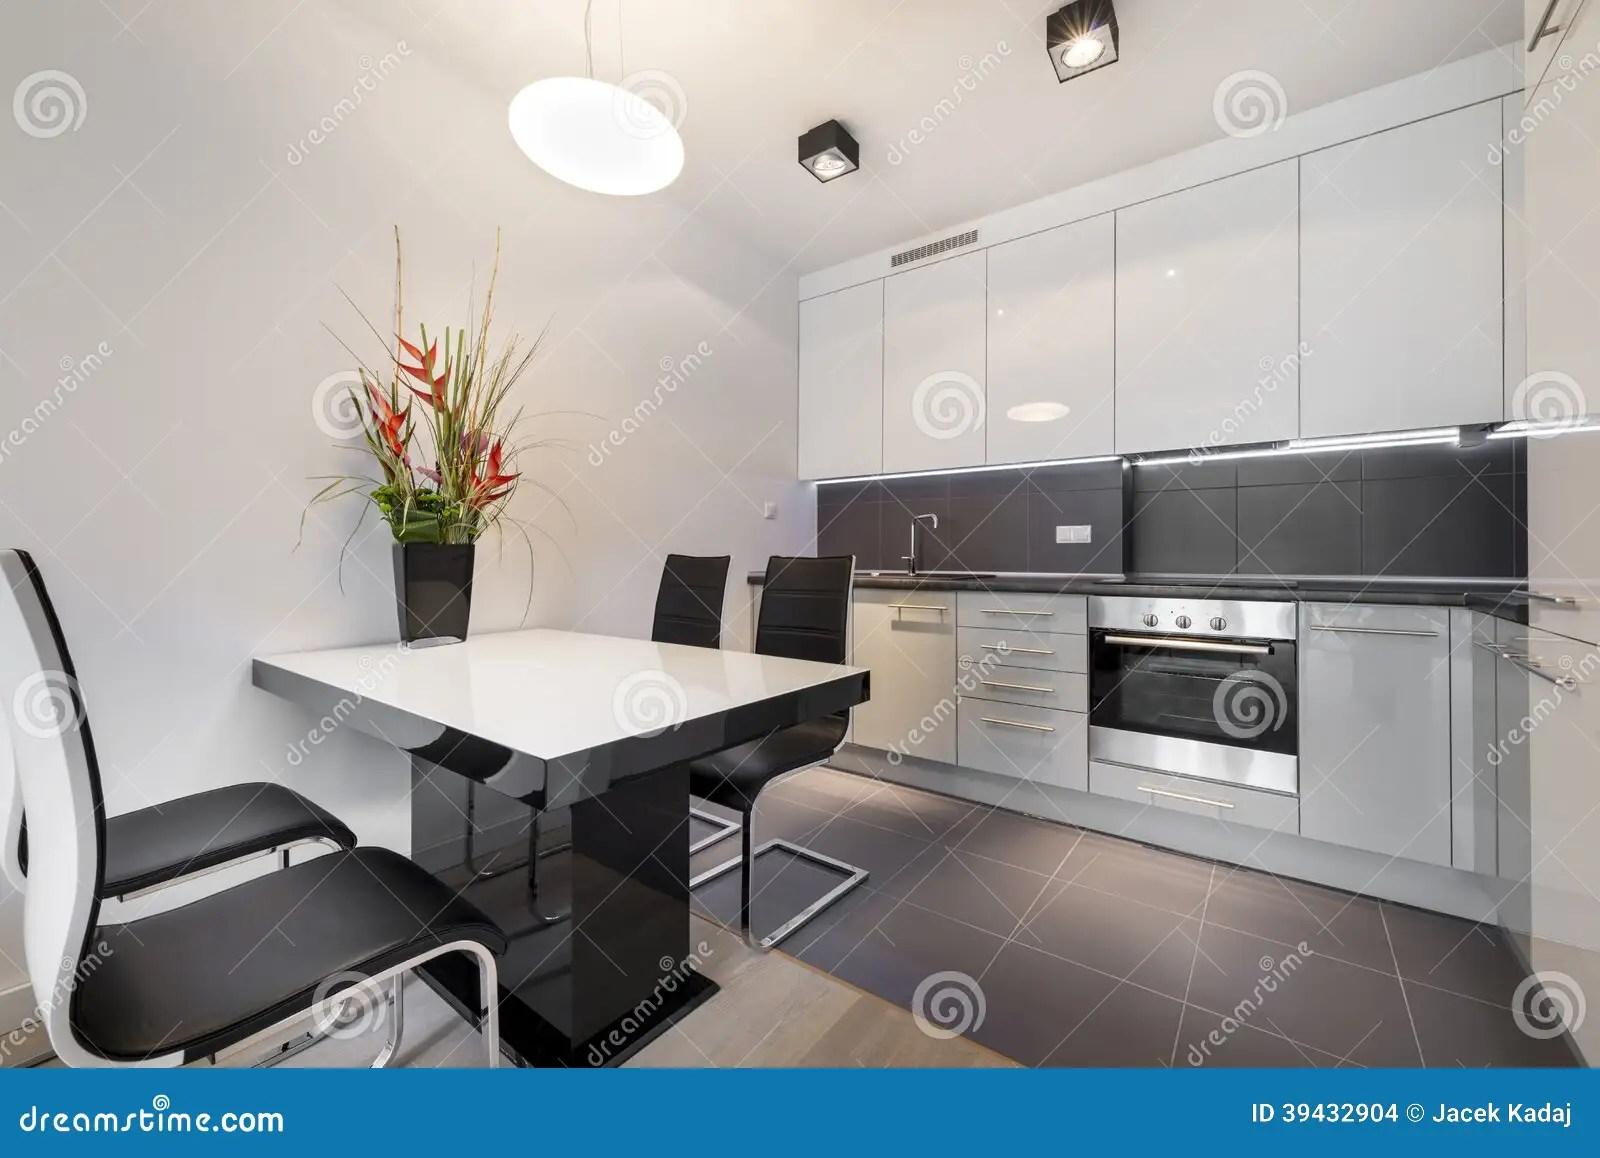 Cucina Moderna Con La Pavimentazione In Piastrelle Grigia